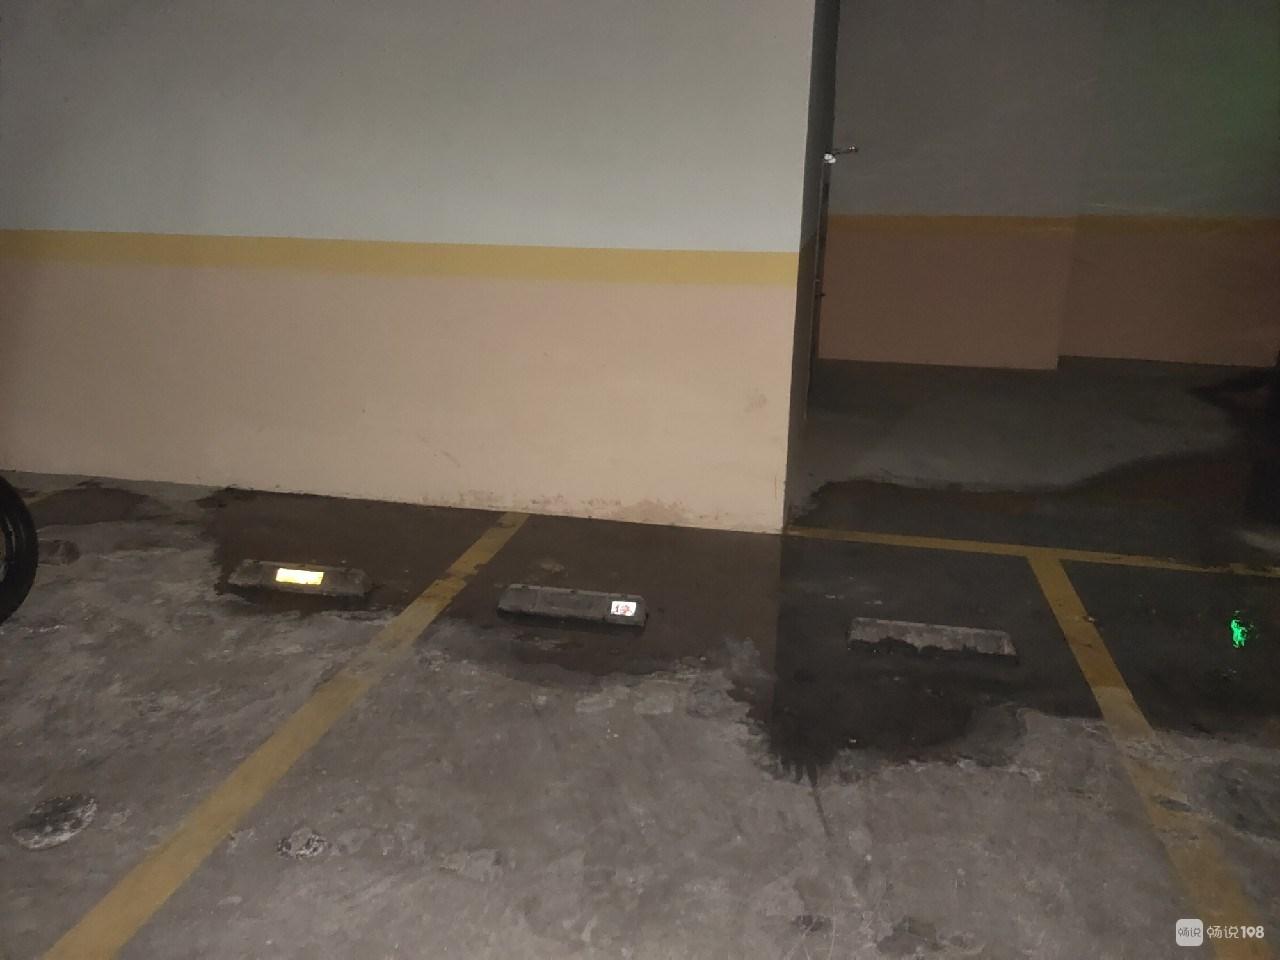 嵊州这小区地库积水严重,反馈给物业竟然说修不了?